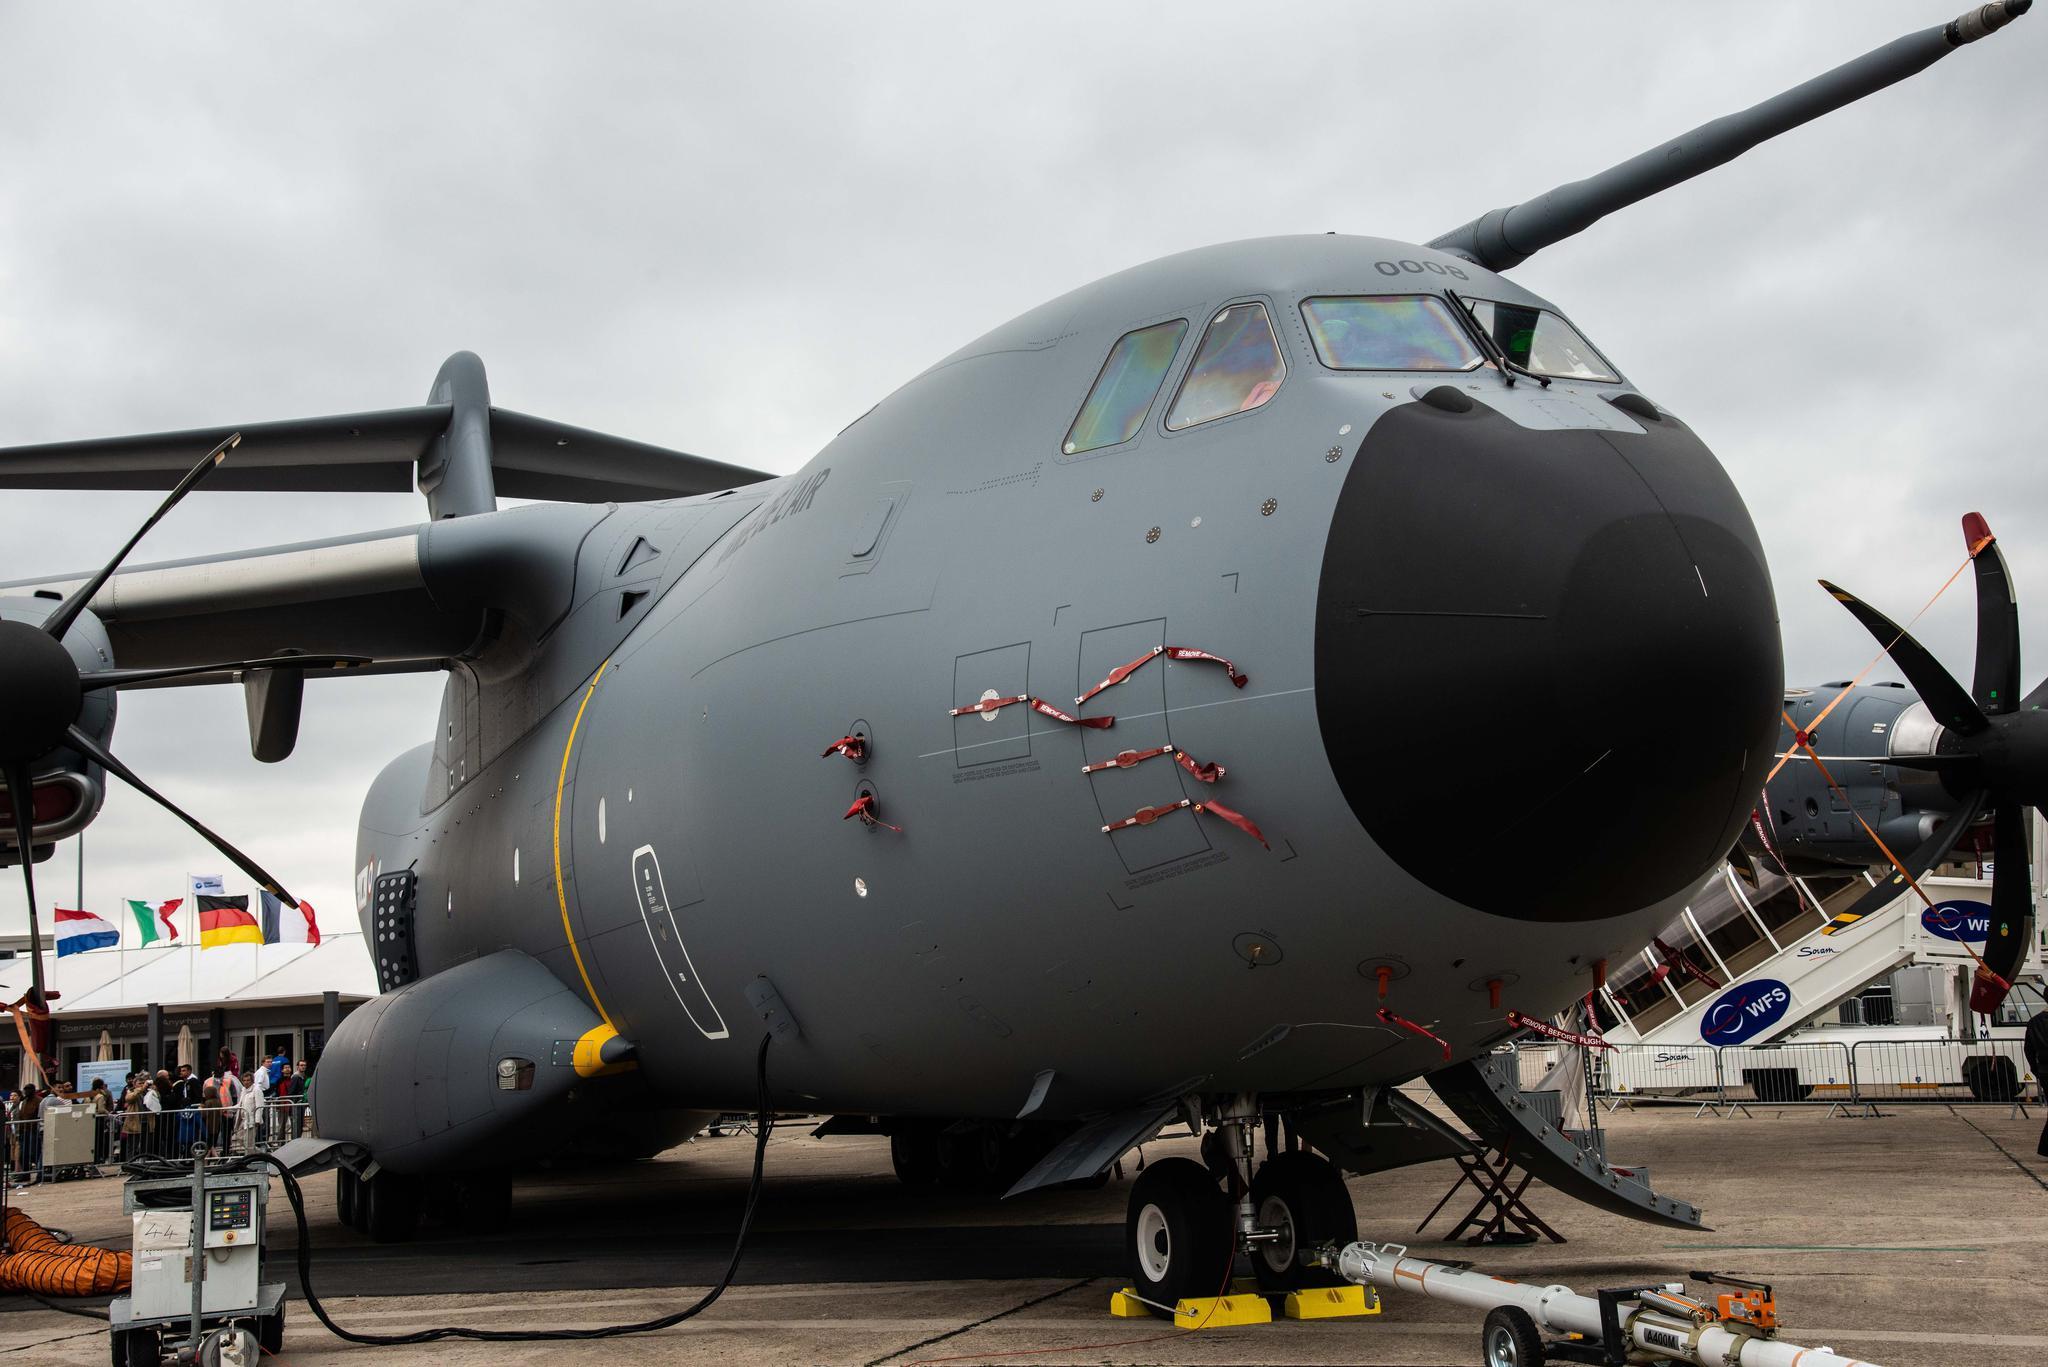 上次见到A400M还是在巴黎航展上